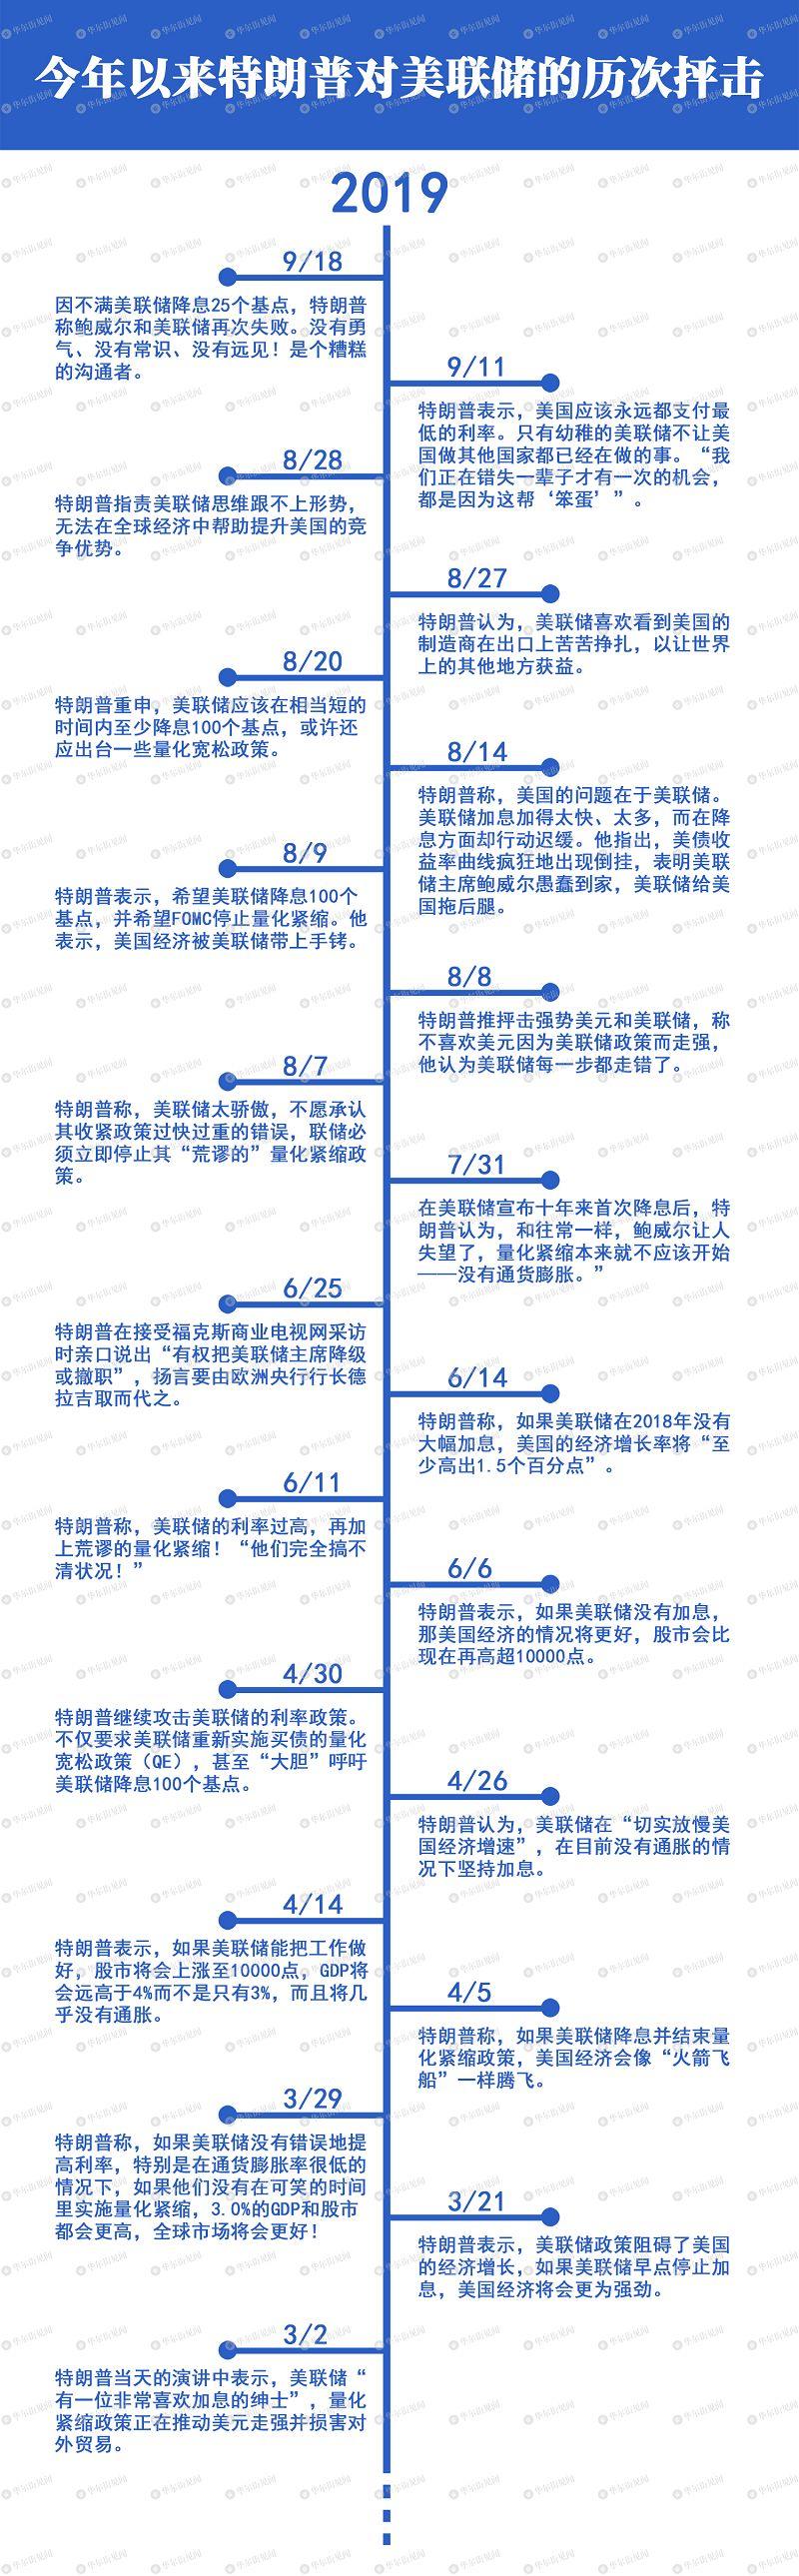 博彩如何推广·广州张叔赴美突发心衰,跨越15000公里历经30多个小时回国换心